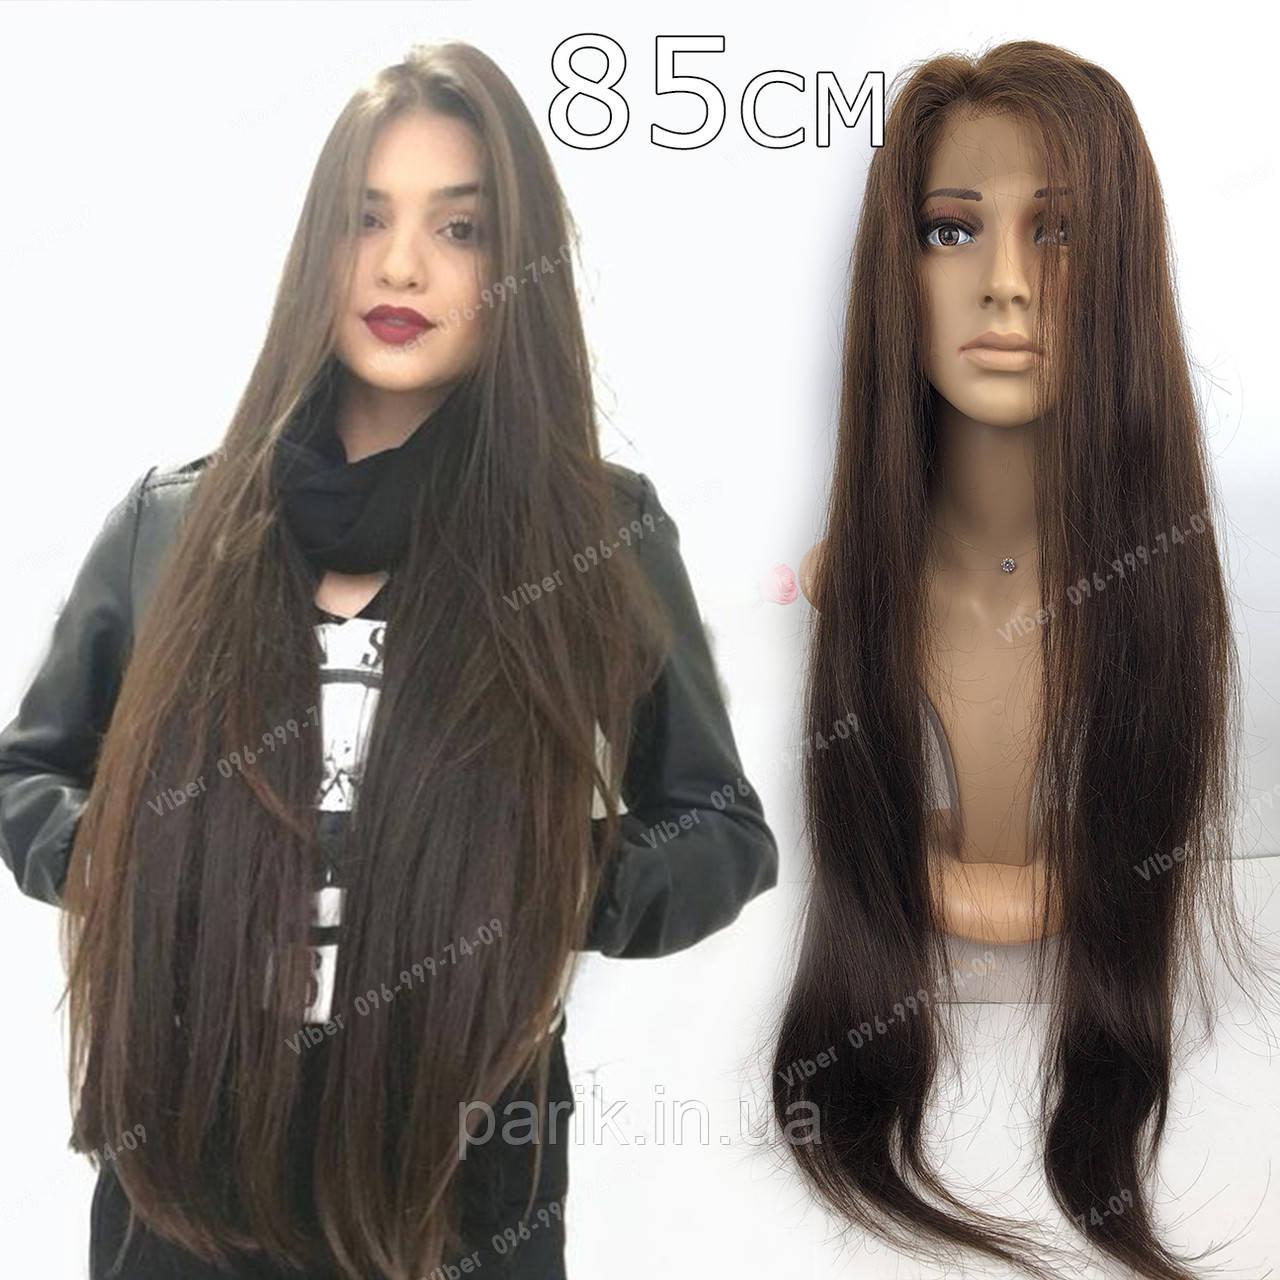 🙎 Парик из натуральных волос с имитацией кожи, коричневый